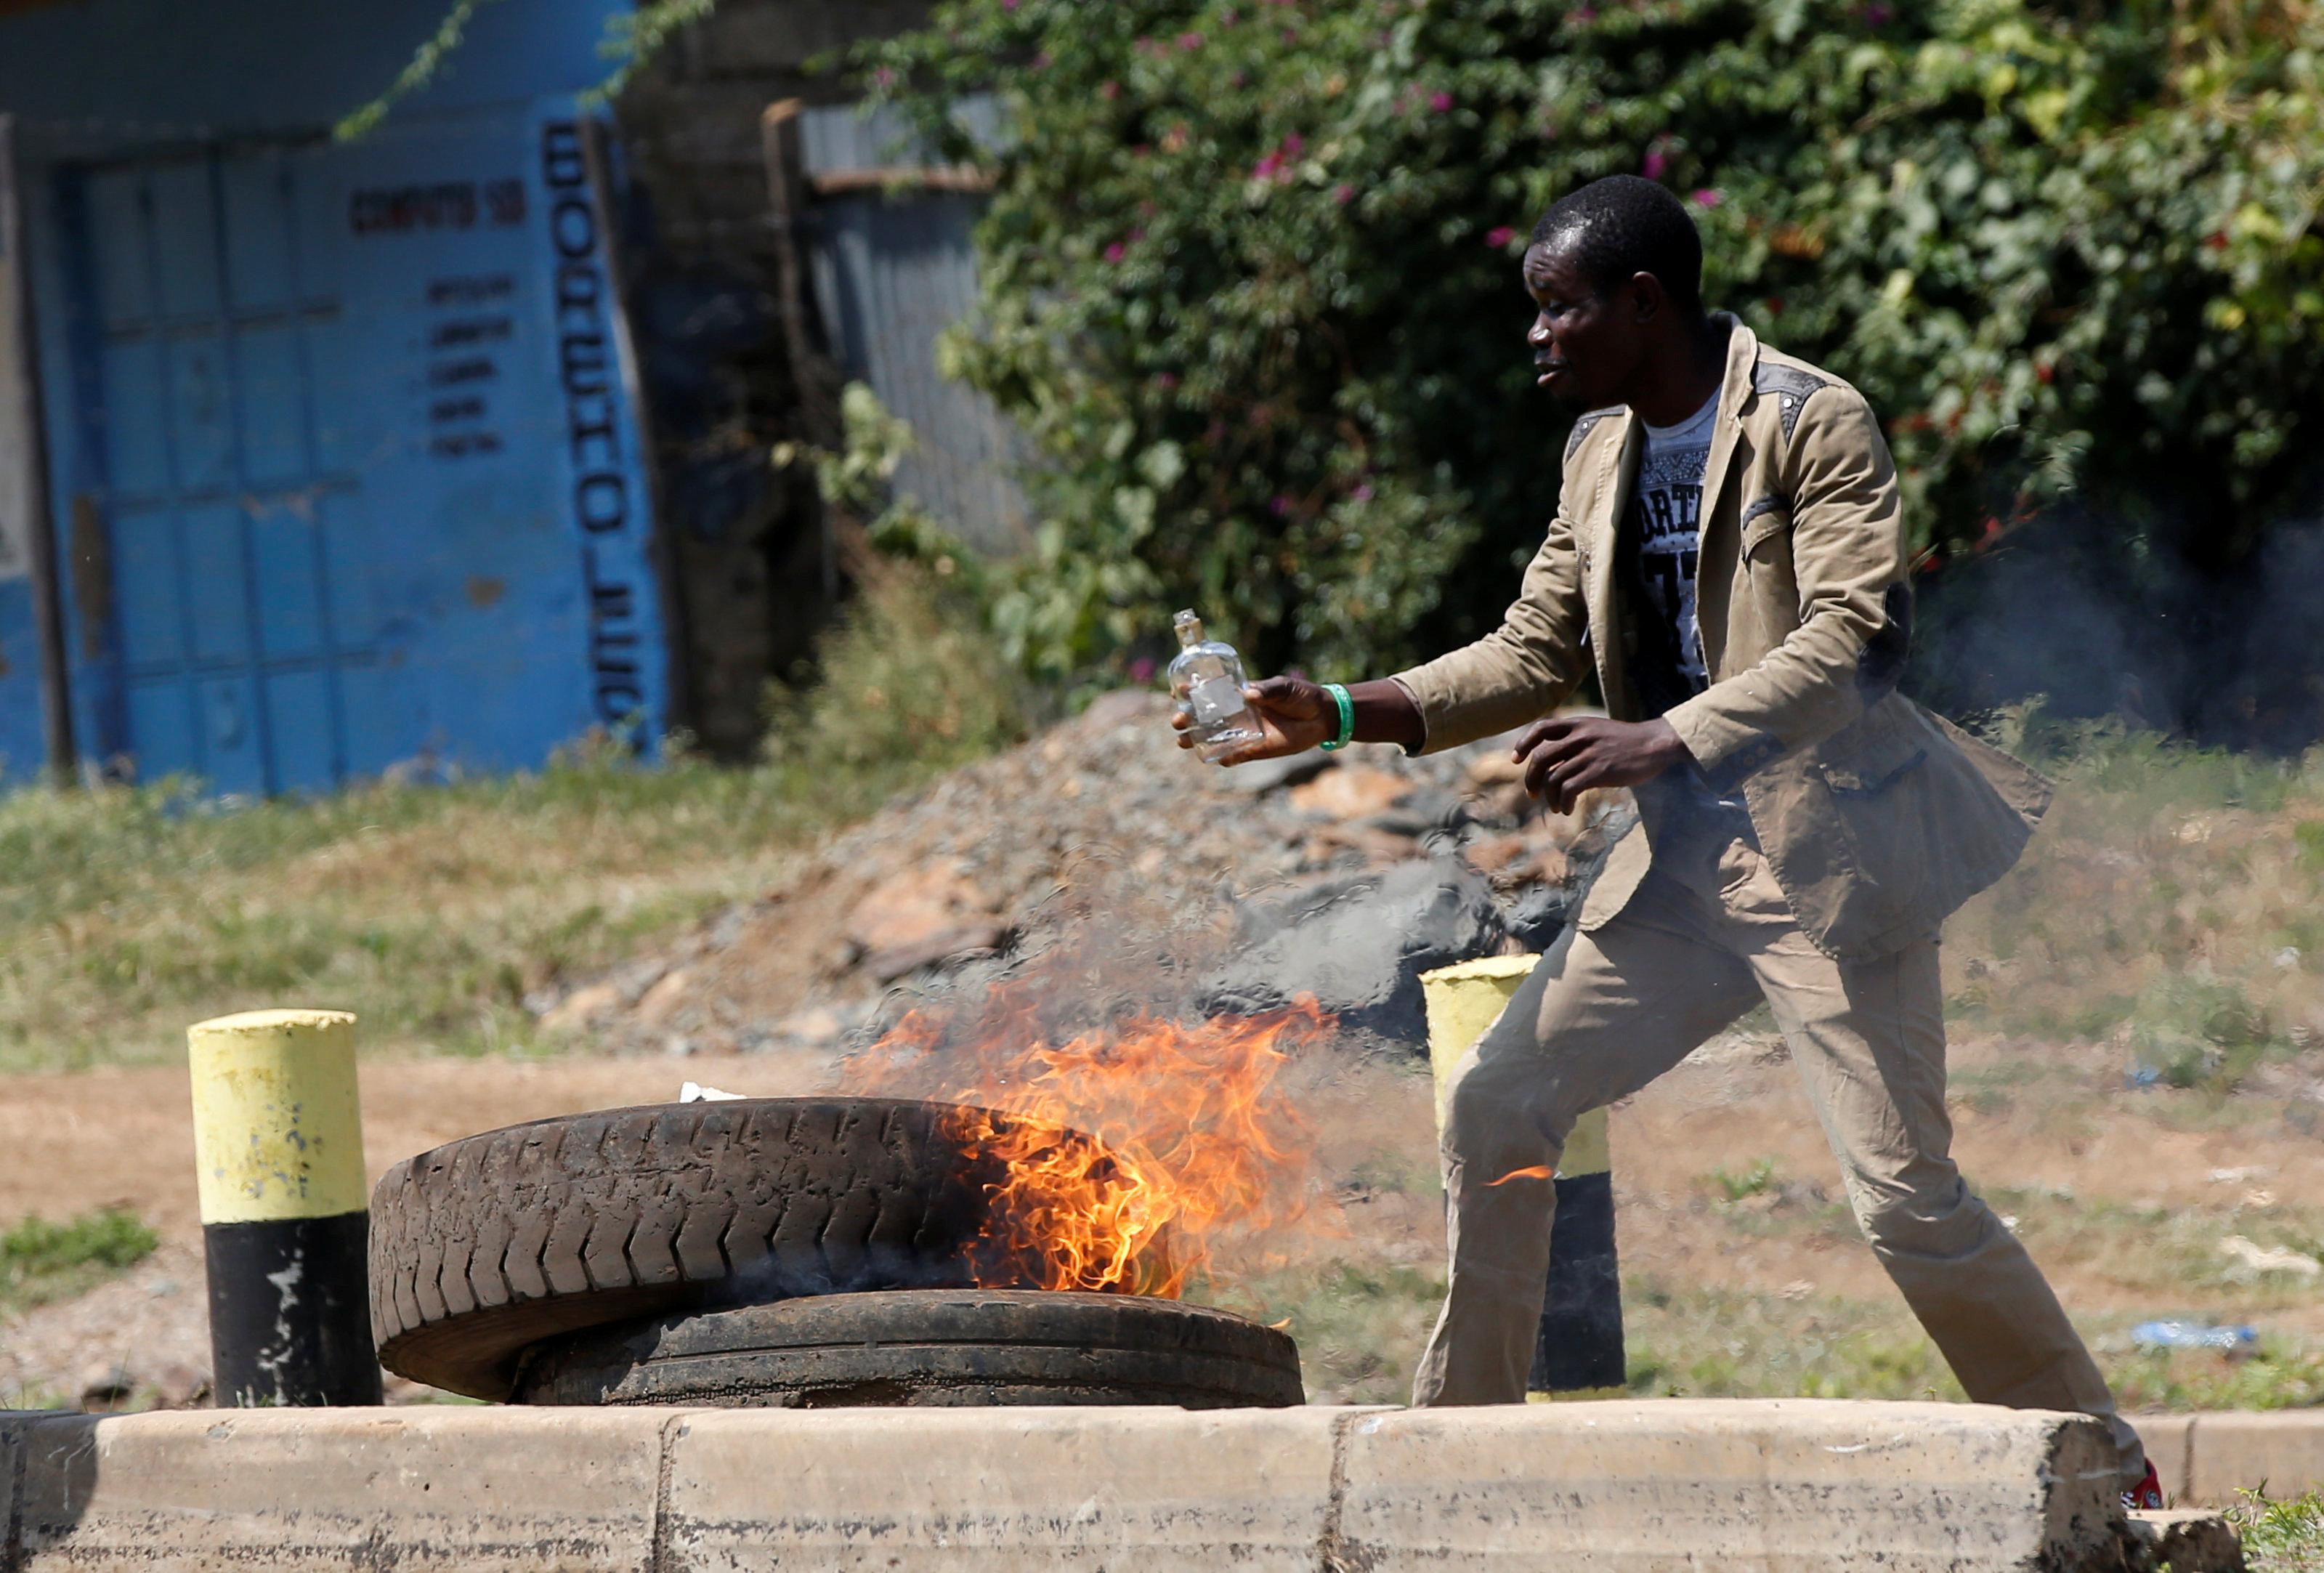 أحد أنصار اودينجا يشعل النيران فى إطارات السيارات